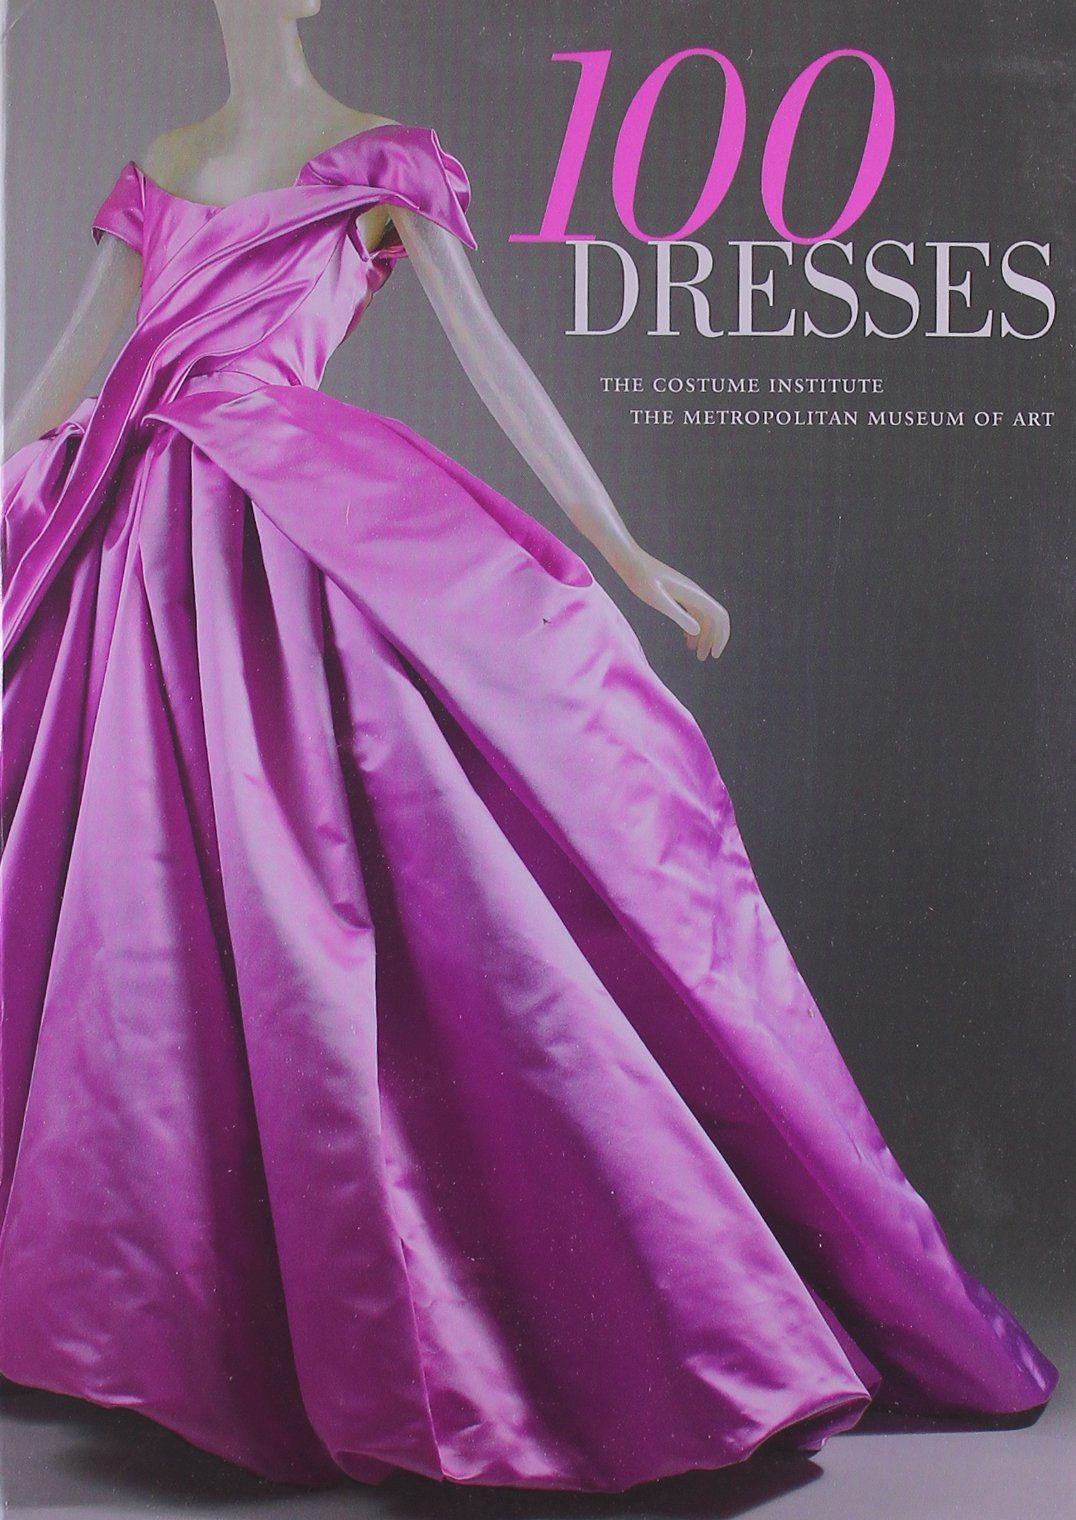 100 Dresses: The Costume Institute / The Metropolitan Museum of Art: Amazon.de: Harold Koda: Fremdsprachige Bücher